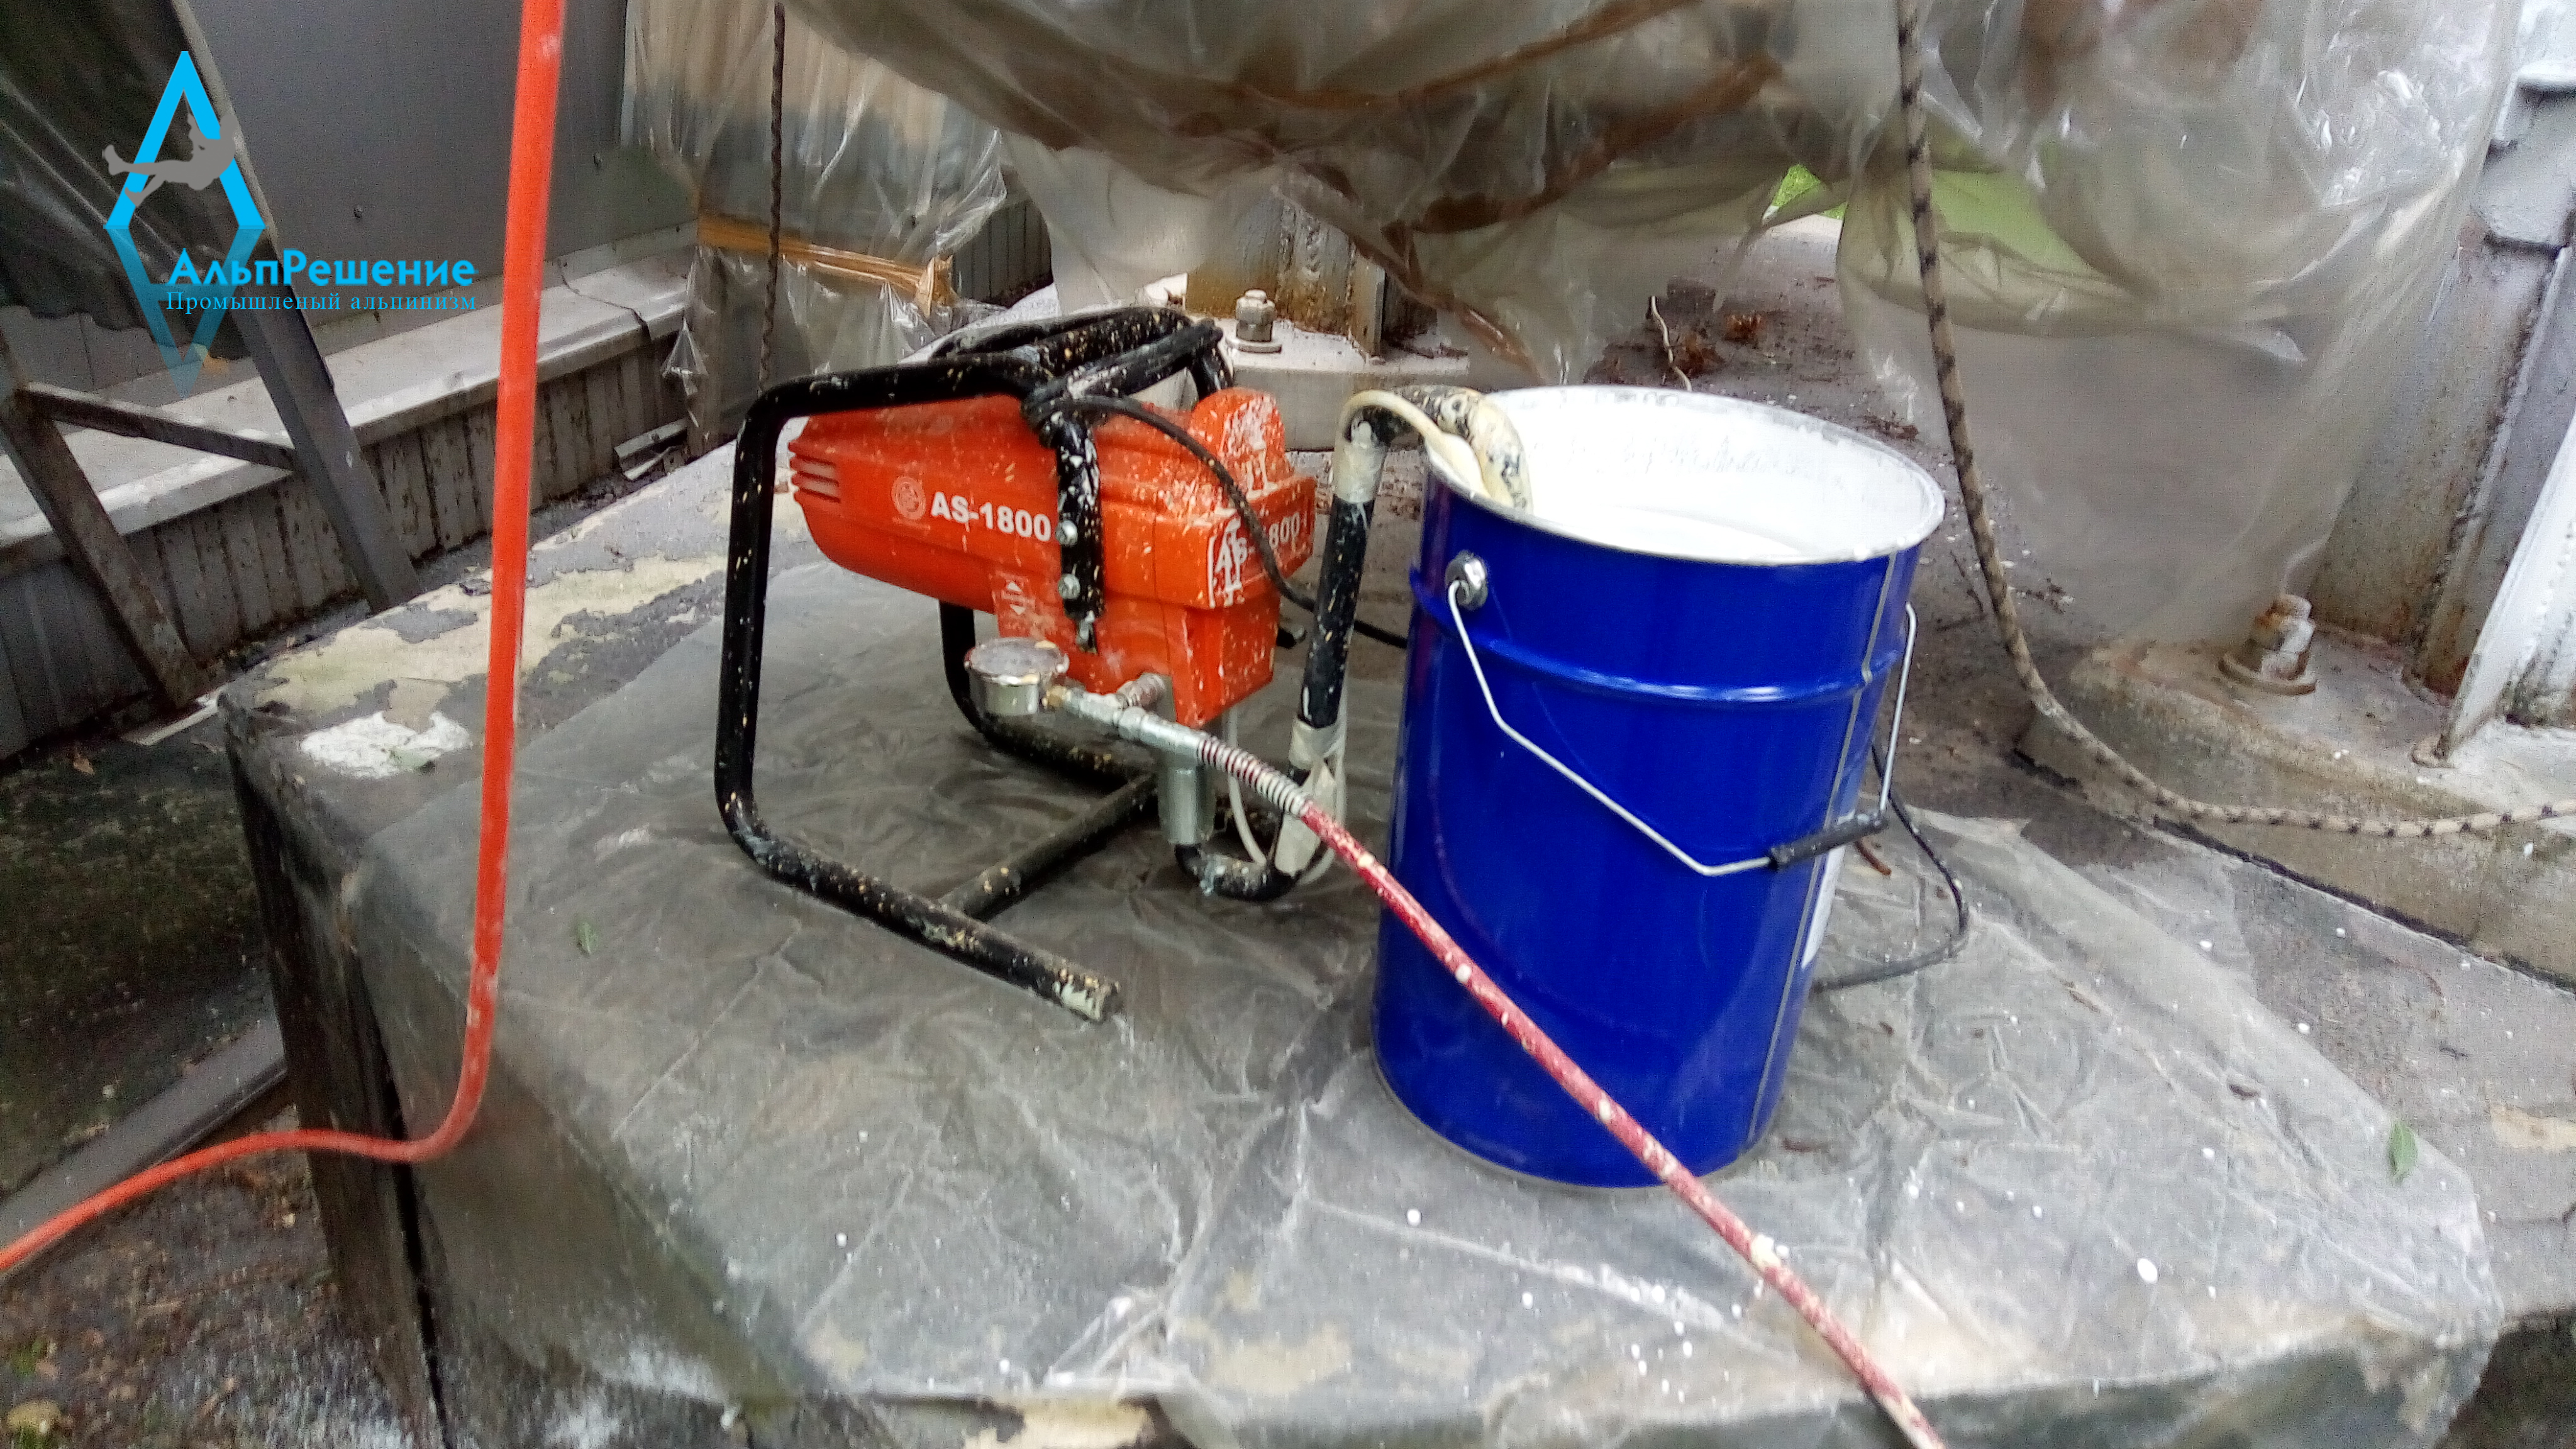 Профессиональное оборудование для проведения покрасочных работ